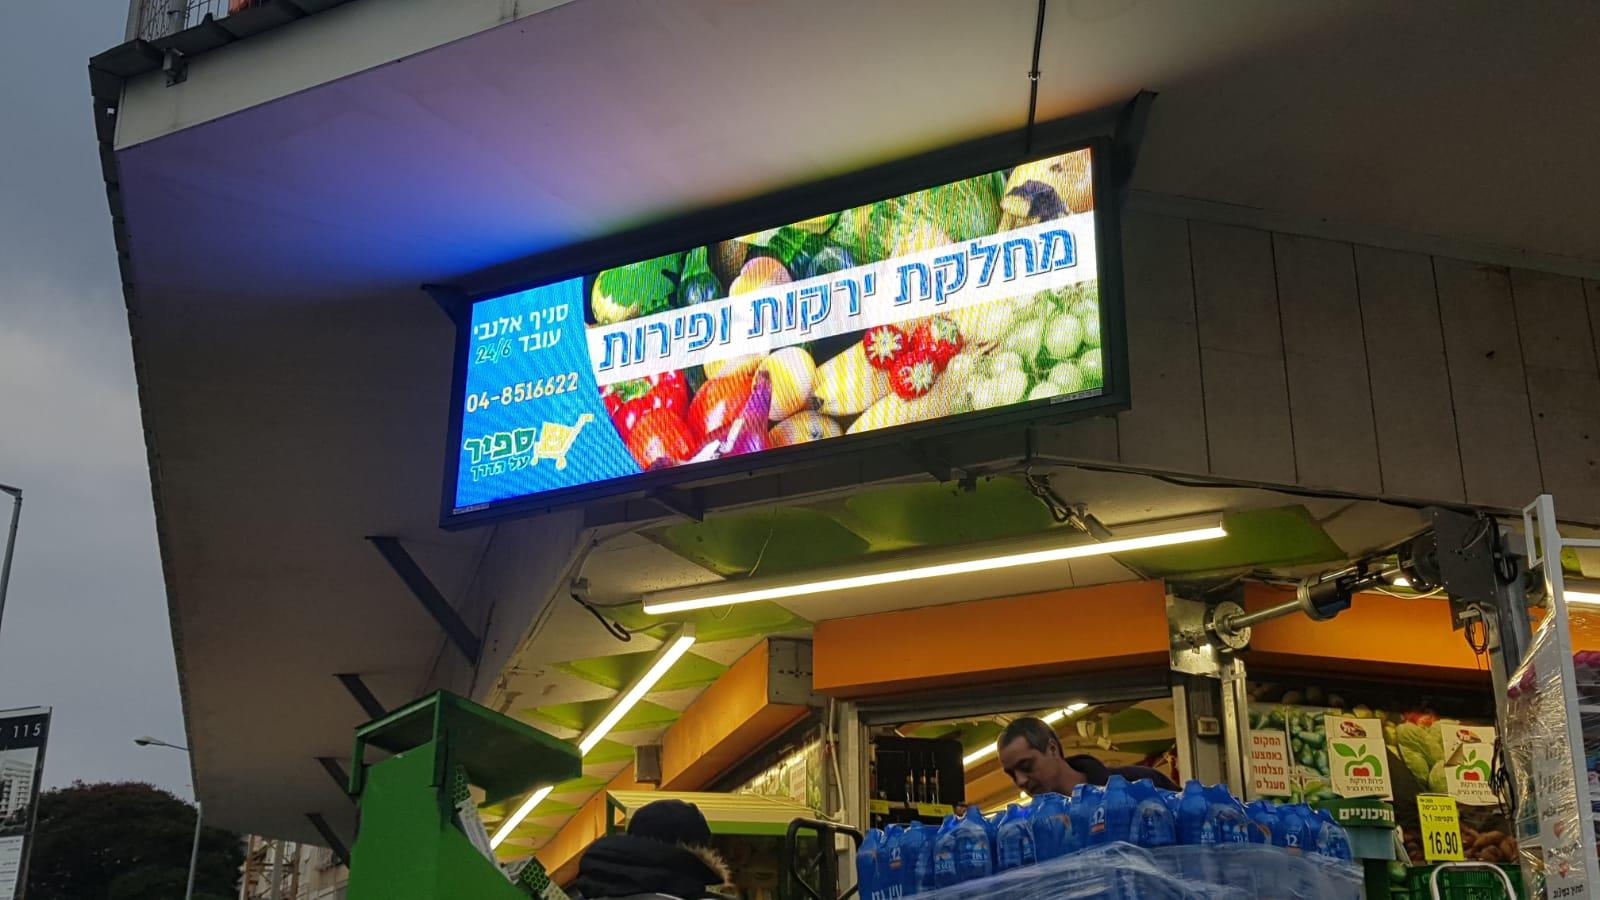 שלט לד מואר לחנות ירקות